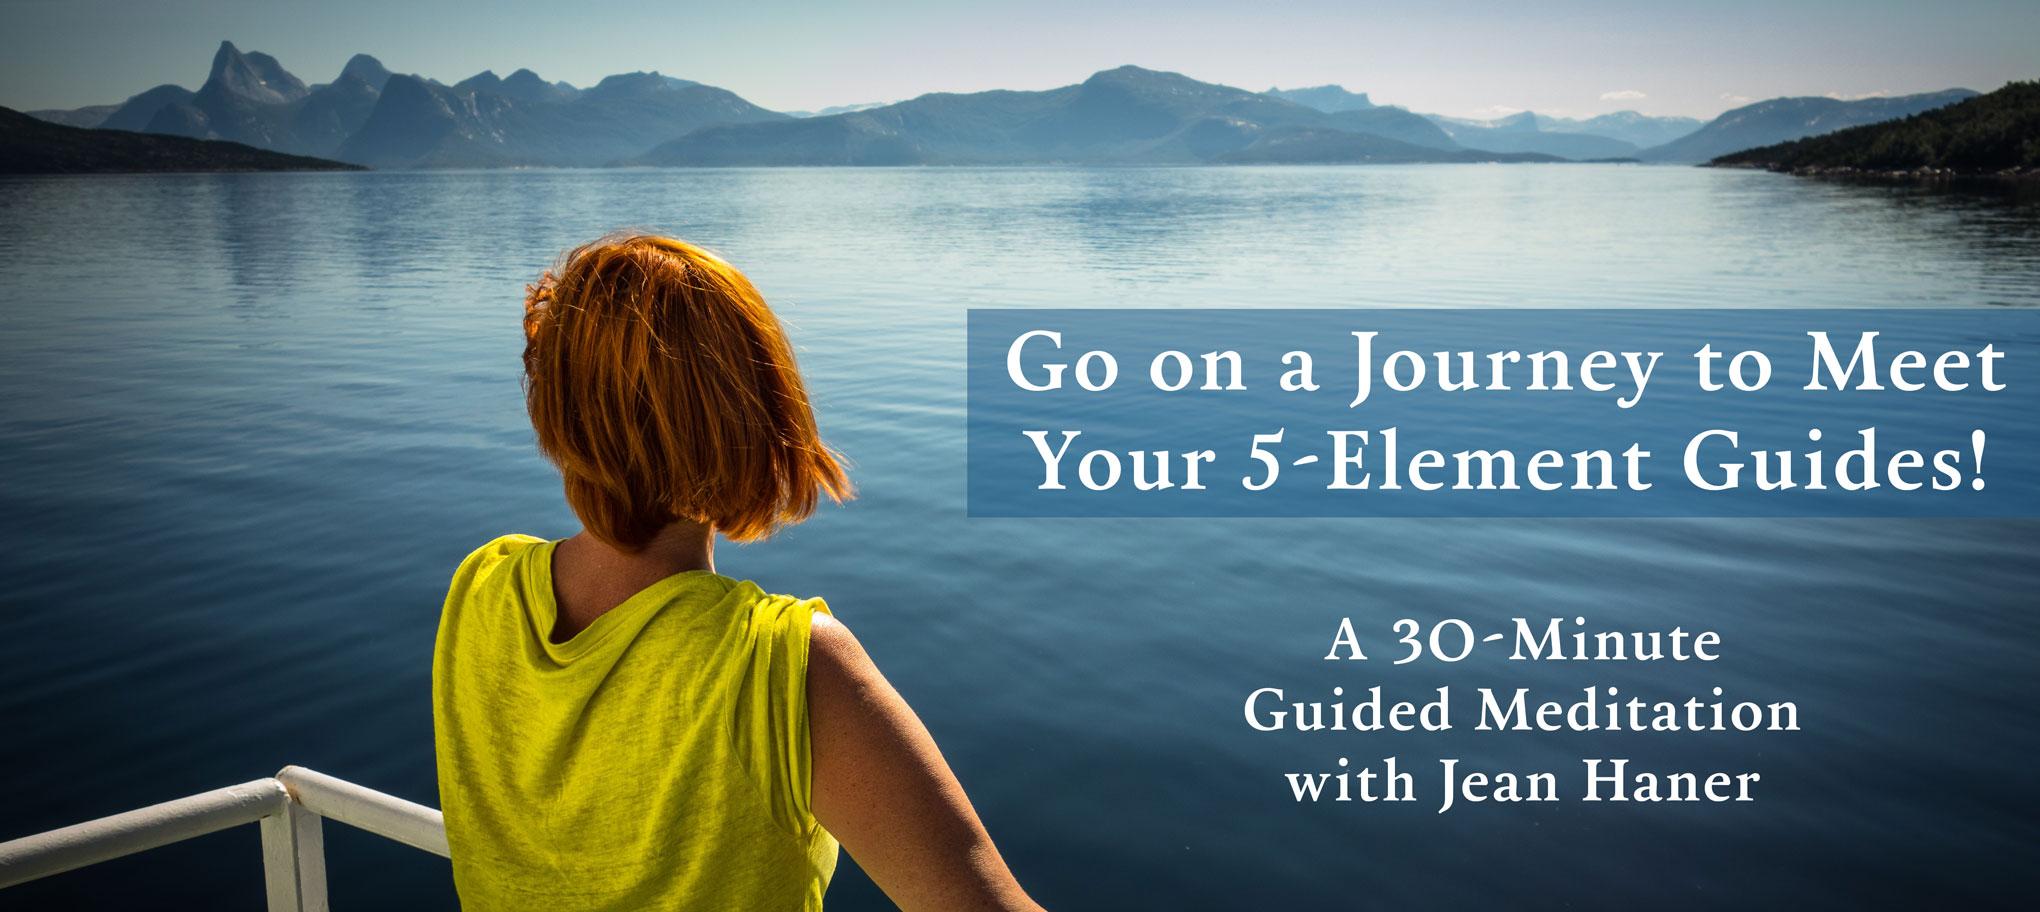 5 Element Guides Meditation Header